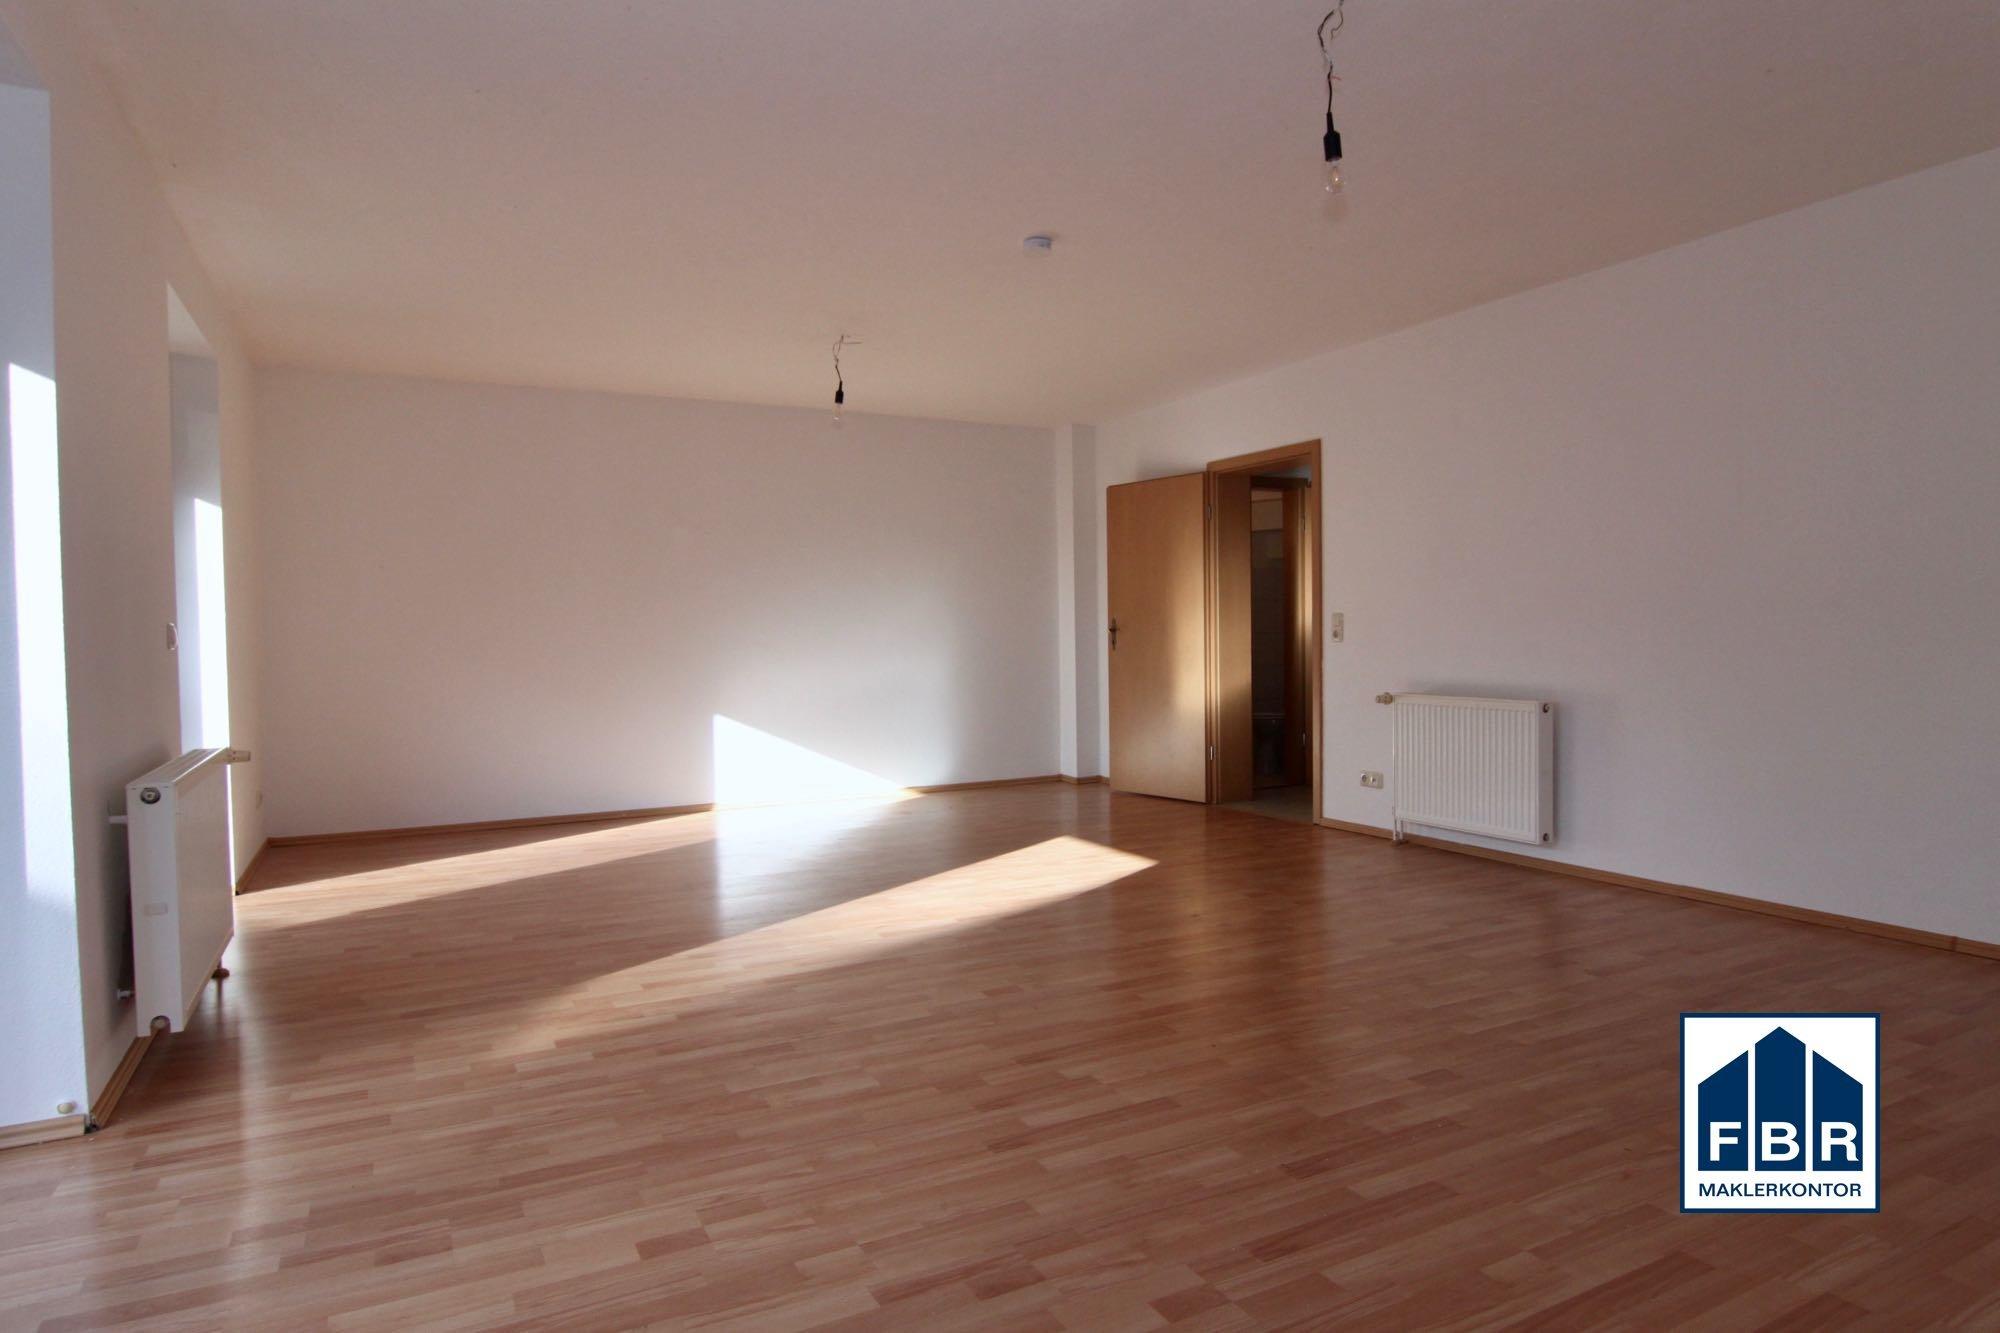 Wohnzimmer Teil 2